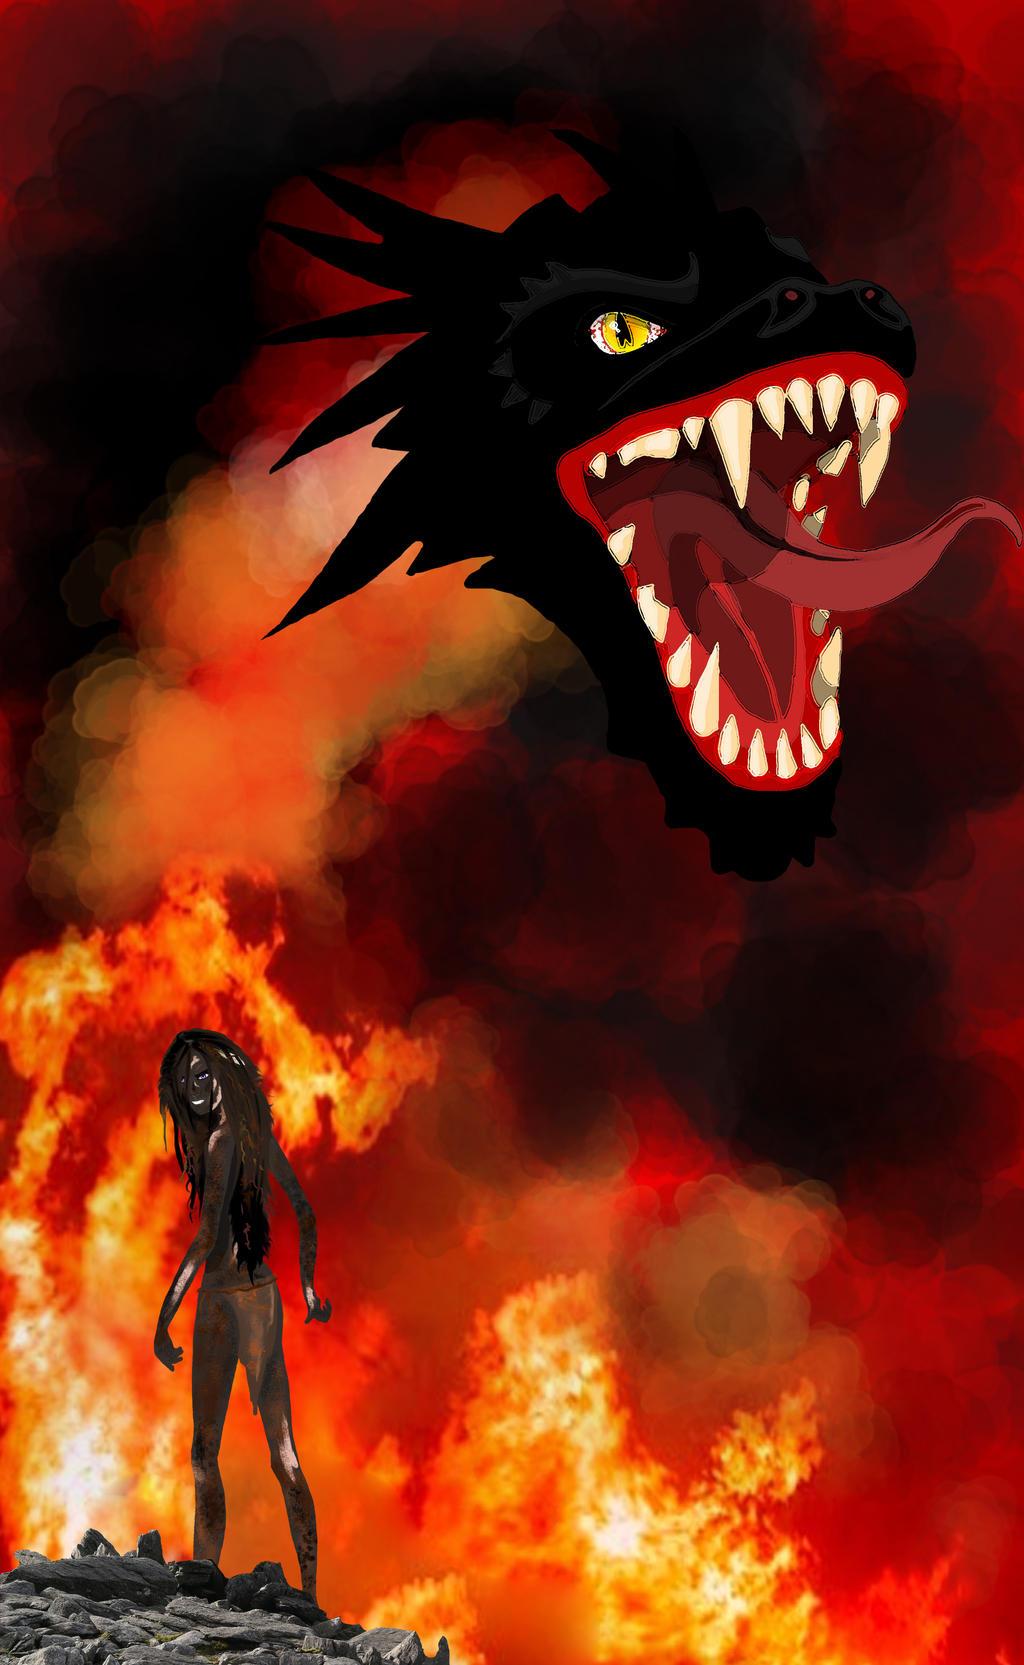 Dragon's Illusion by Tiegan